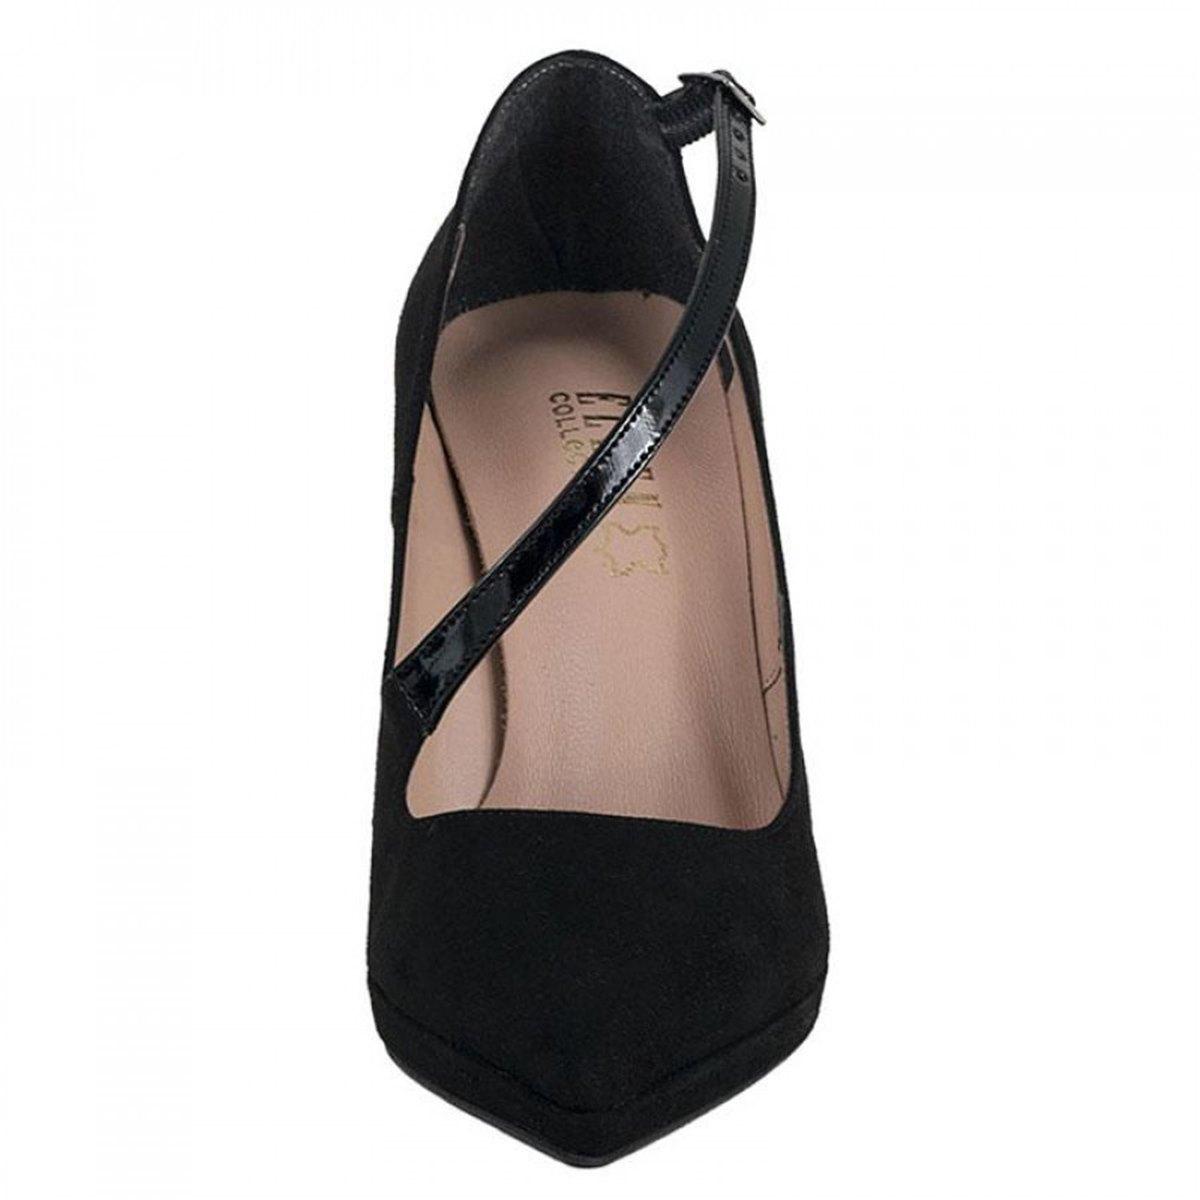 Γυναικεία γόβα ELLEN 16706 μαύρο καστόρι